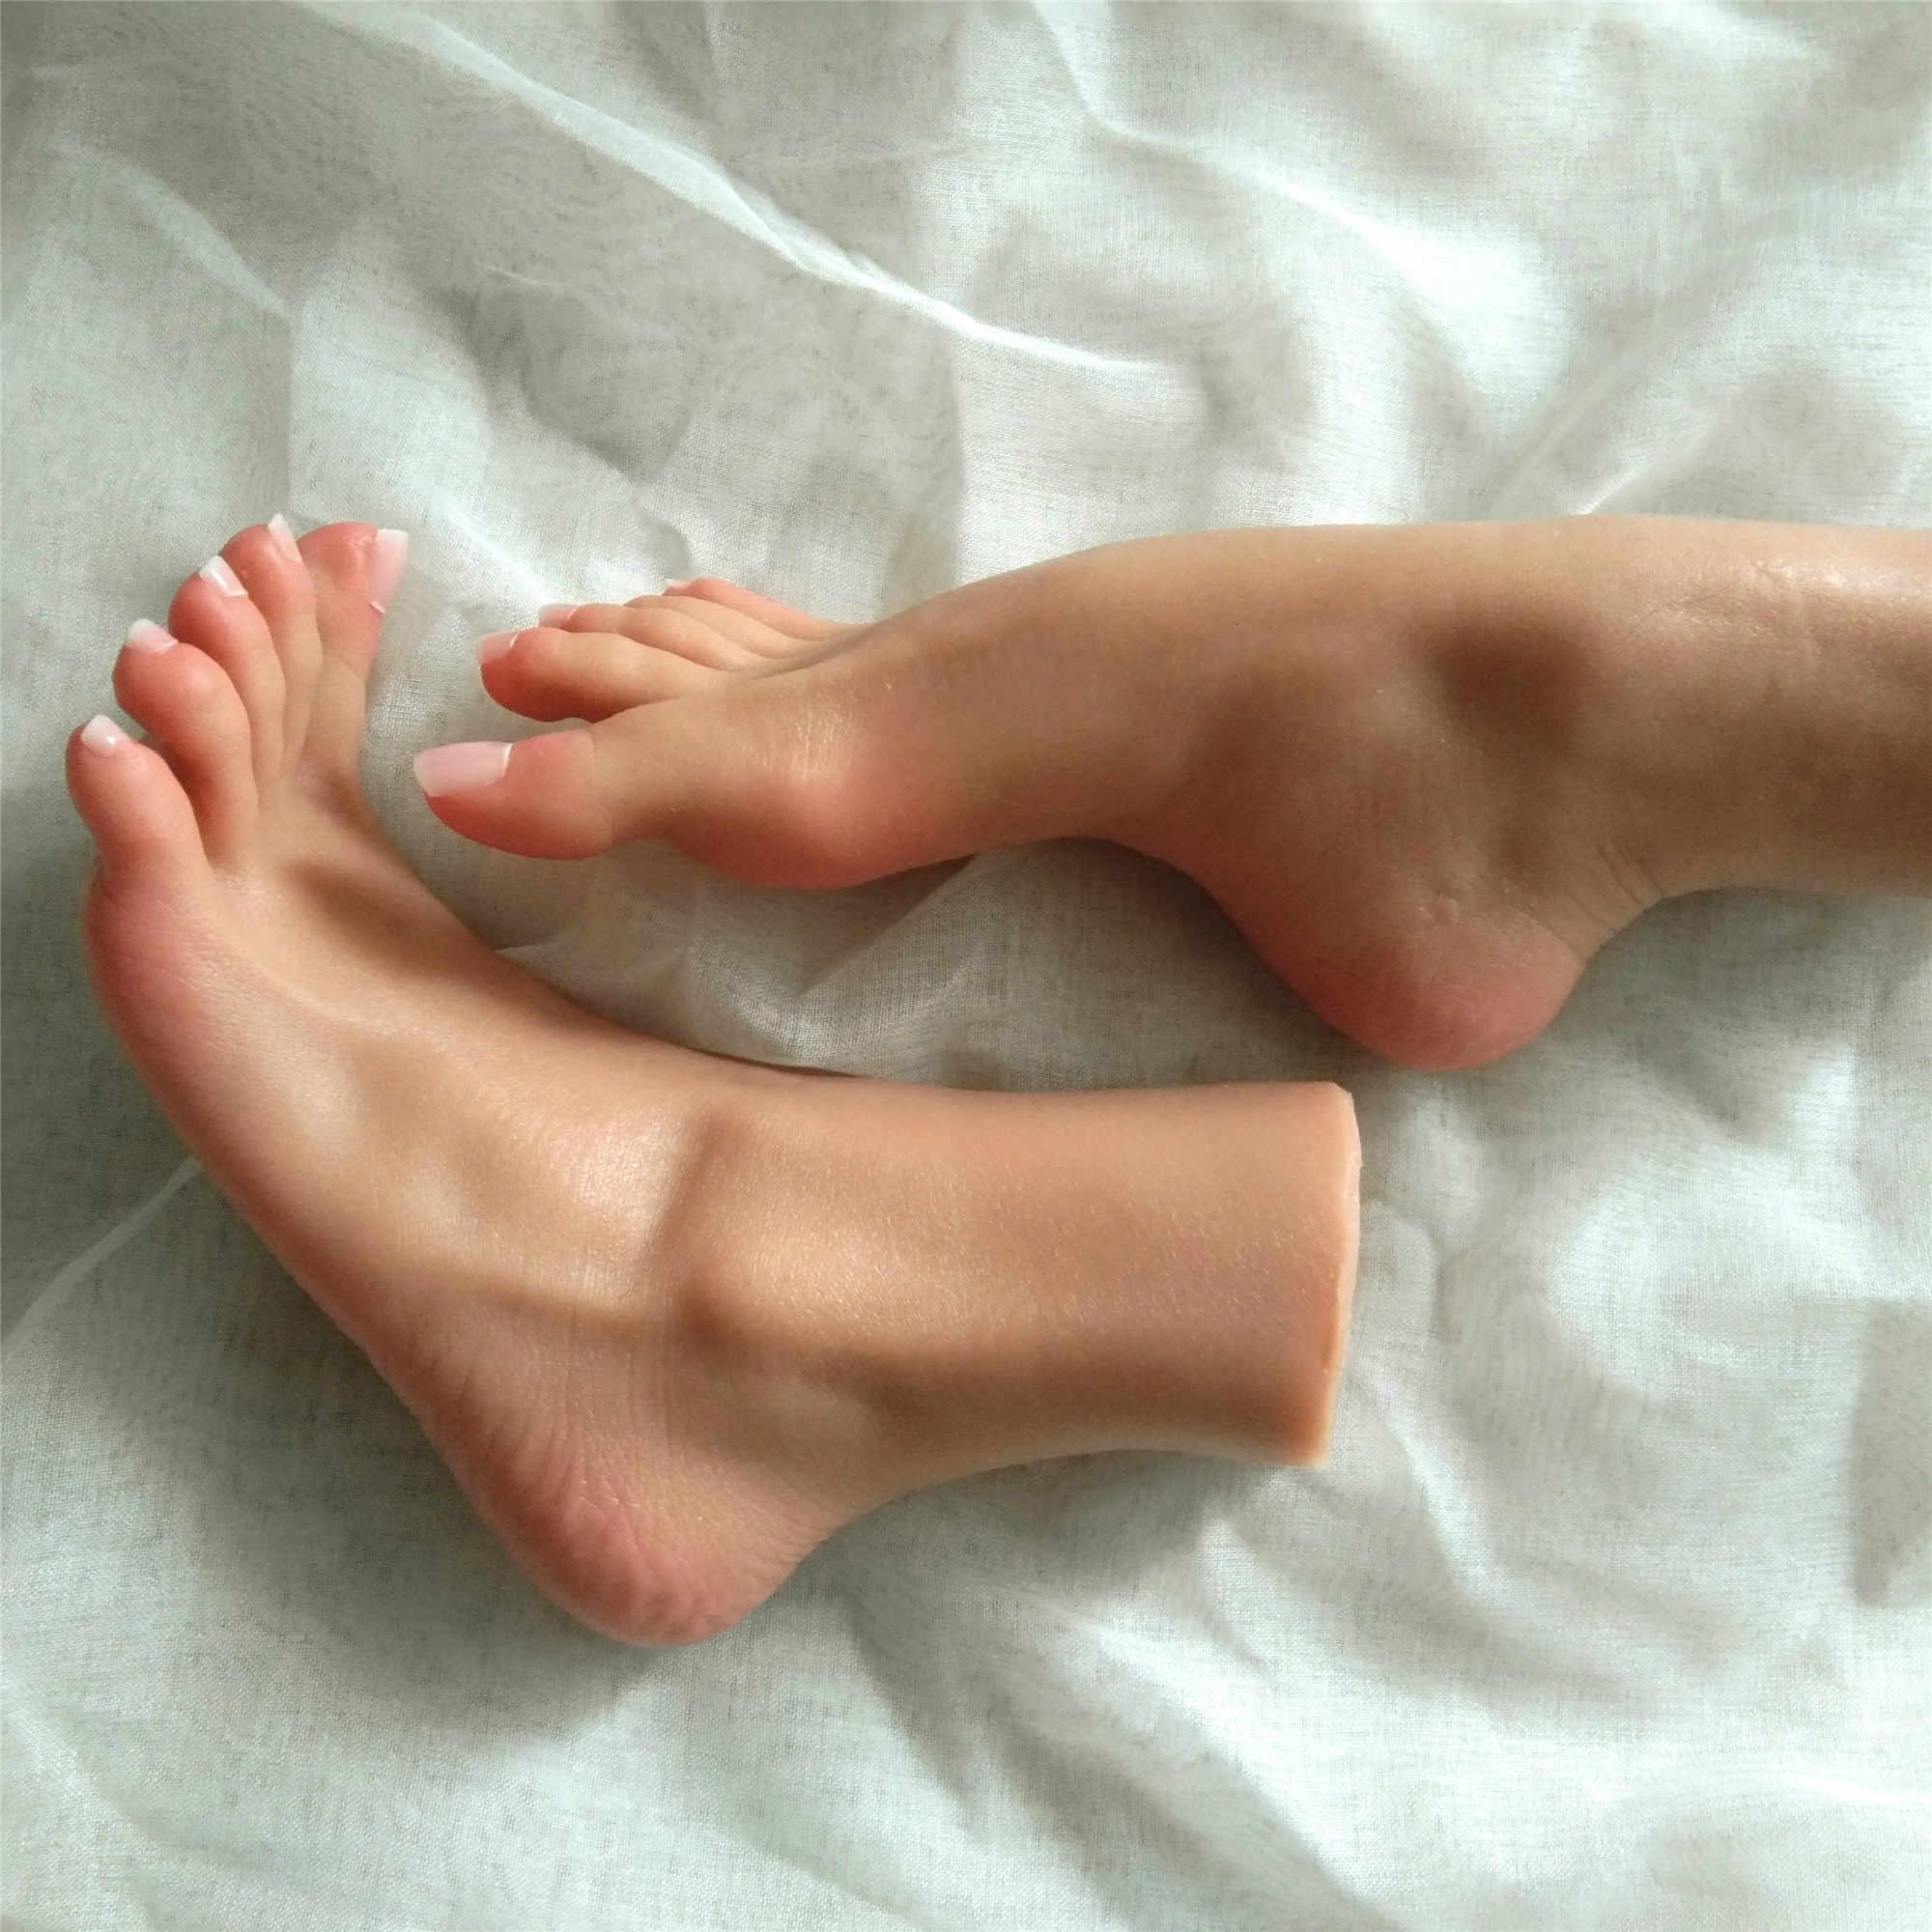 piel seca en los pies fetiche